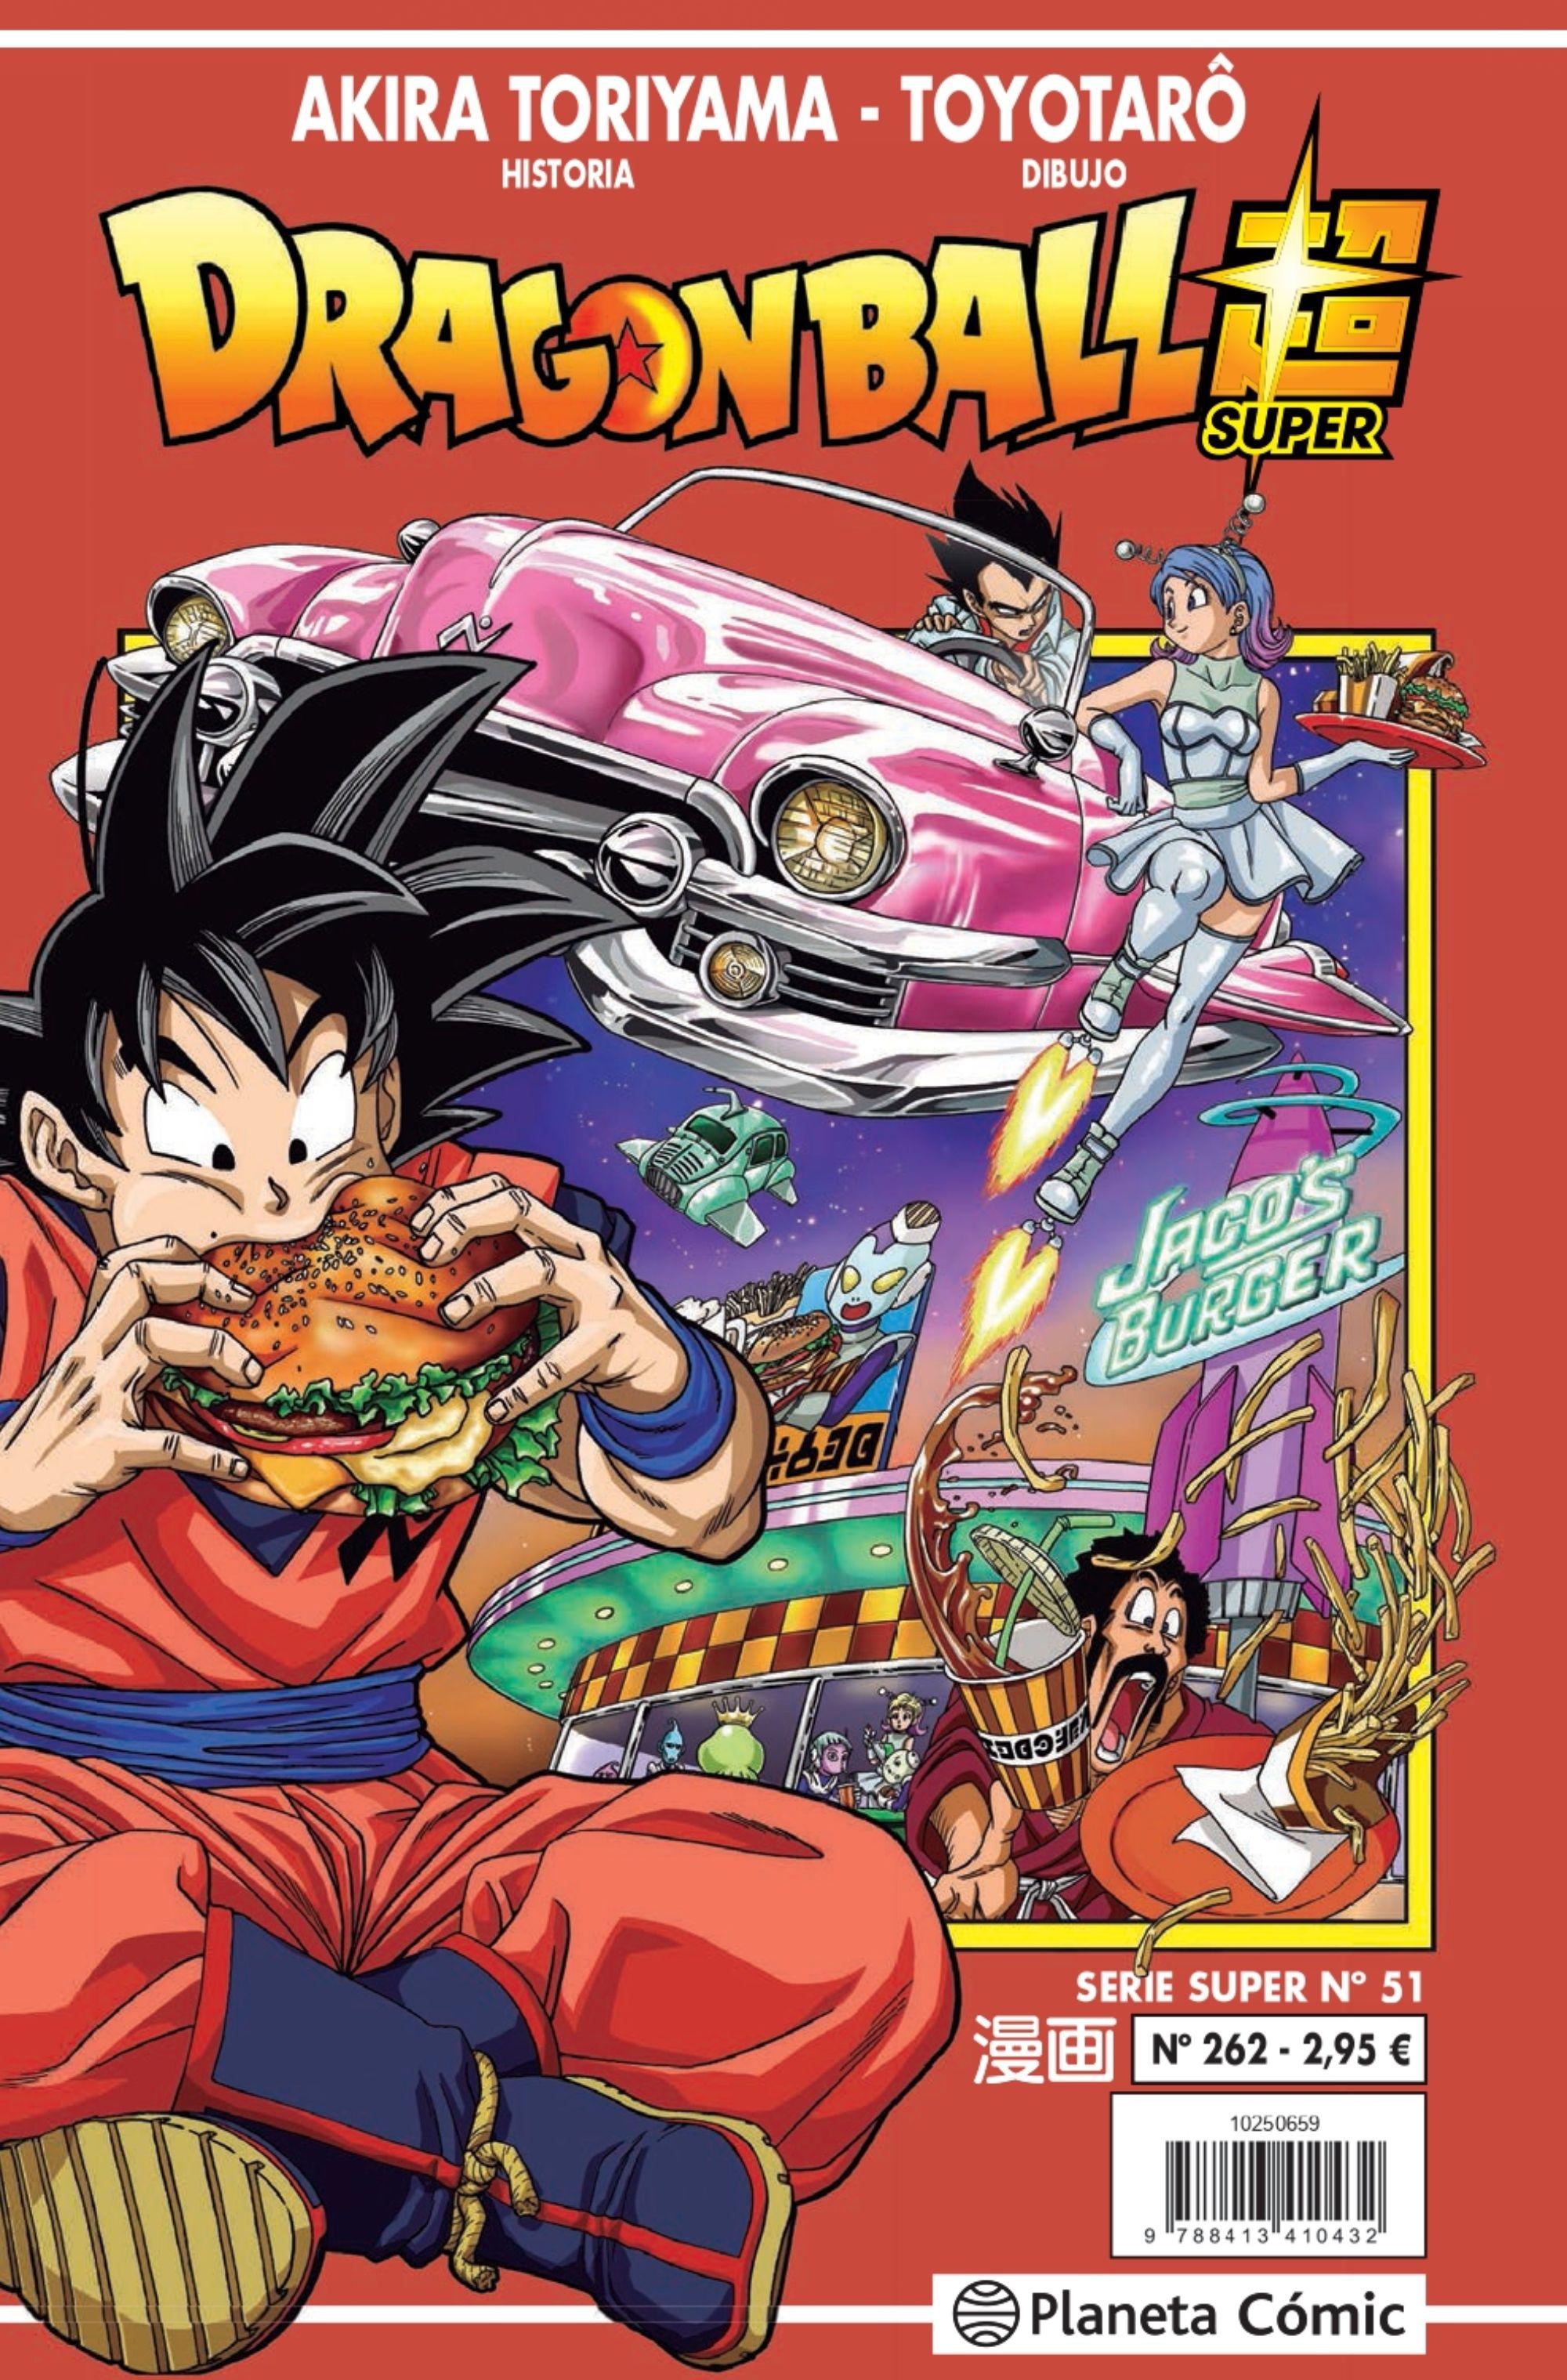 Dragon Ball Serie Roja Nº 262 - Toriyama Akira